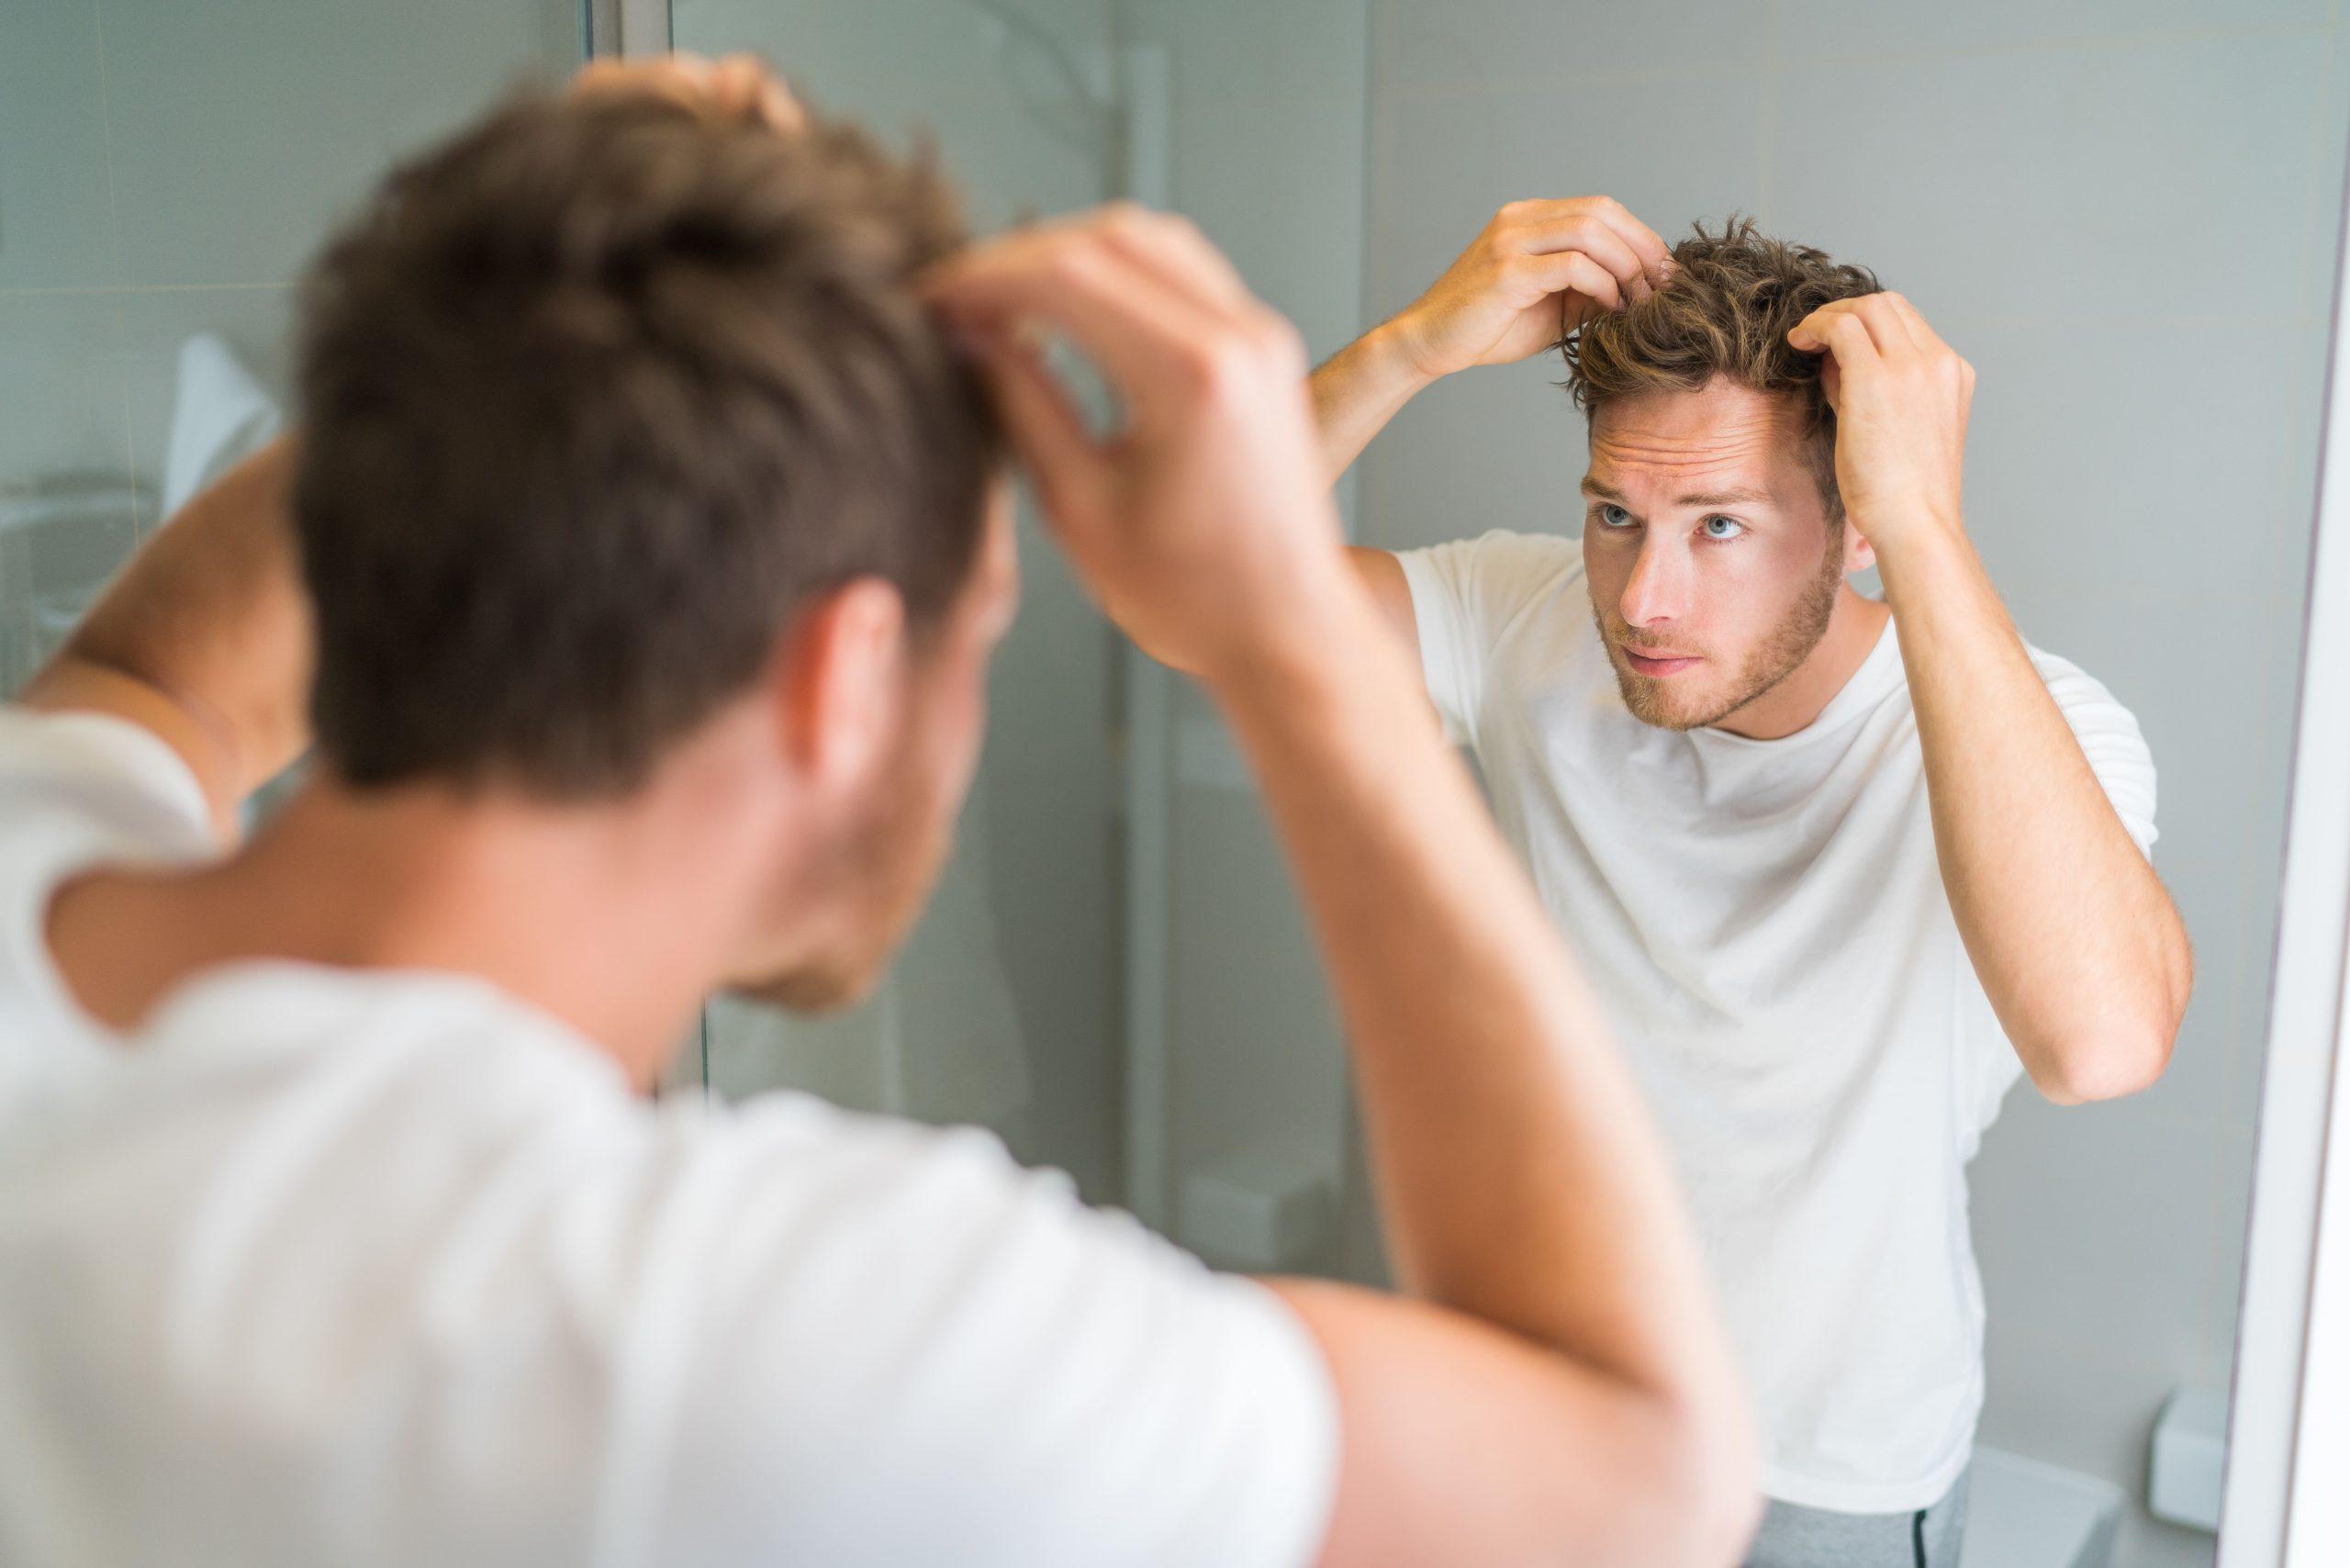 頭皮のこりをほぐすことで得られる3つの効果